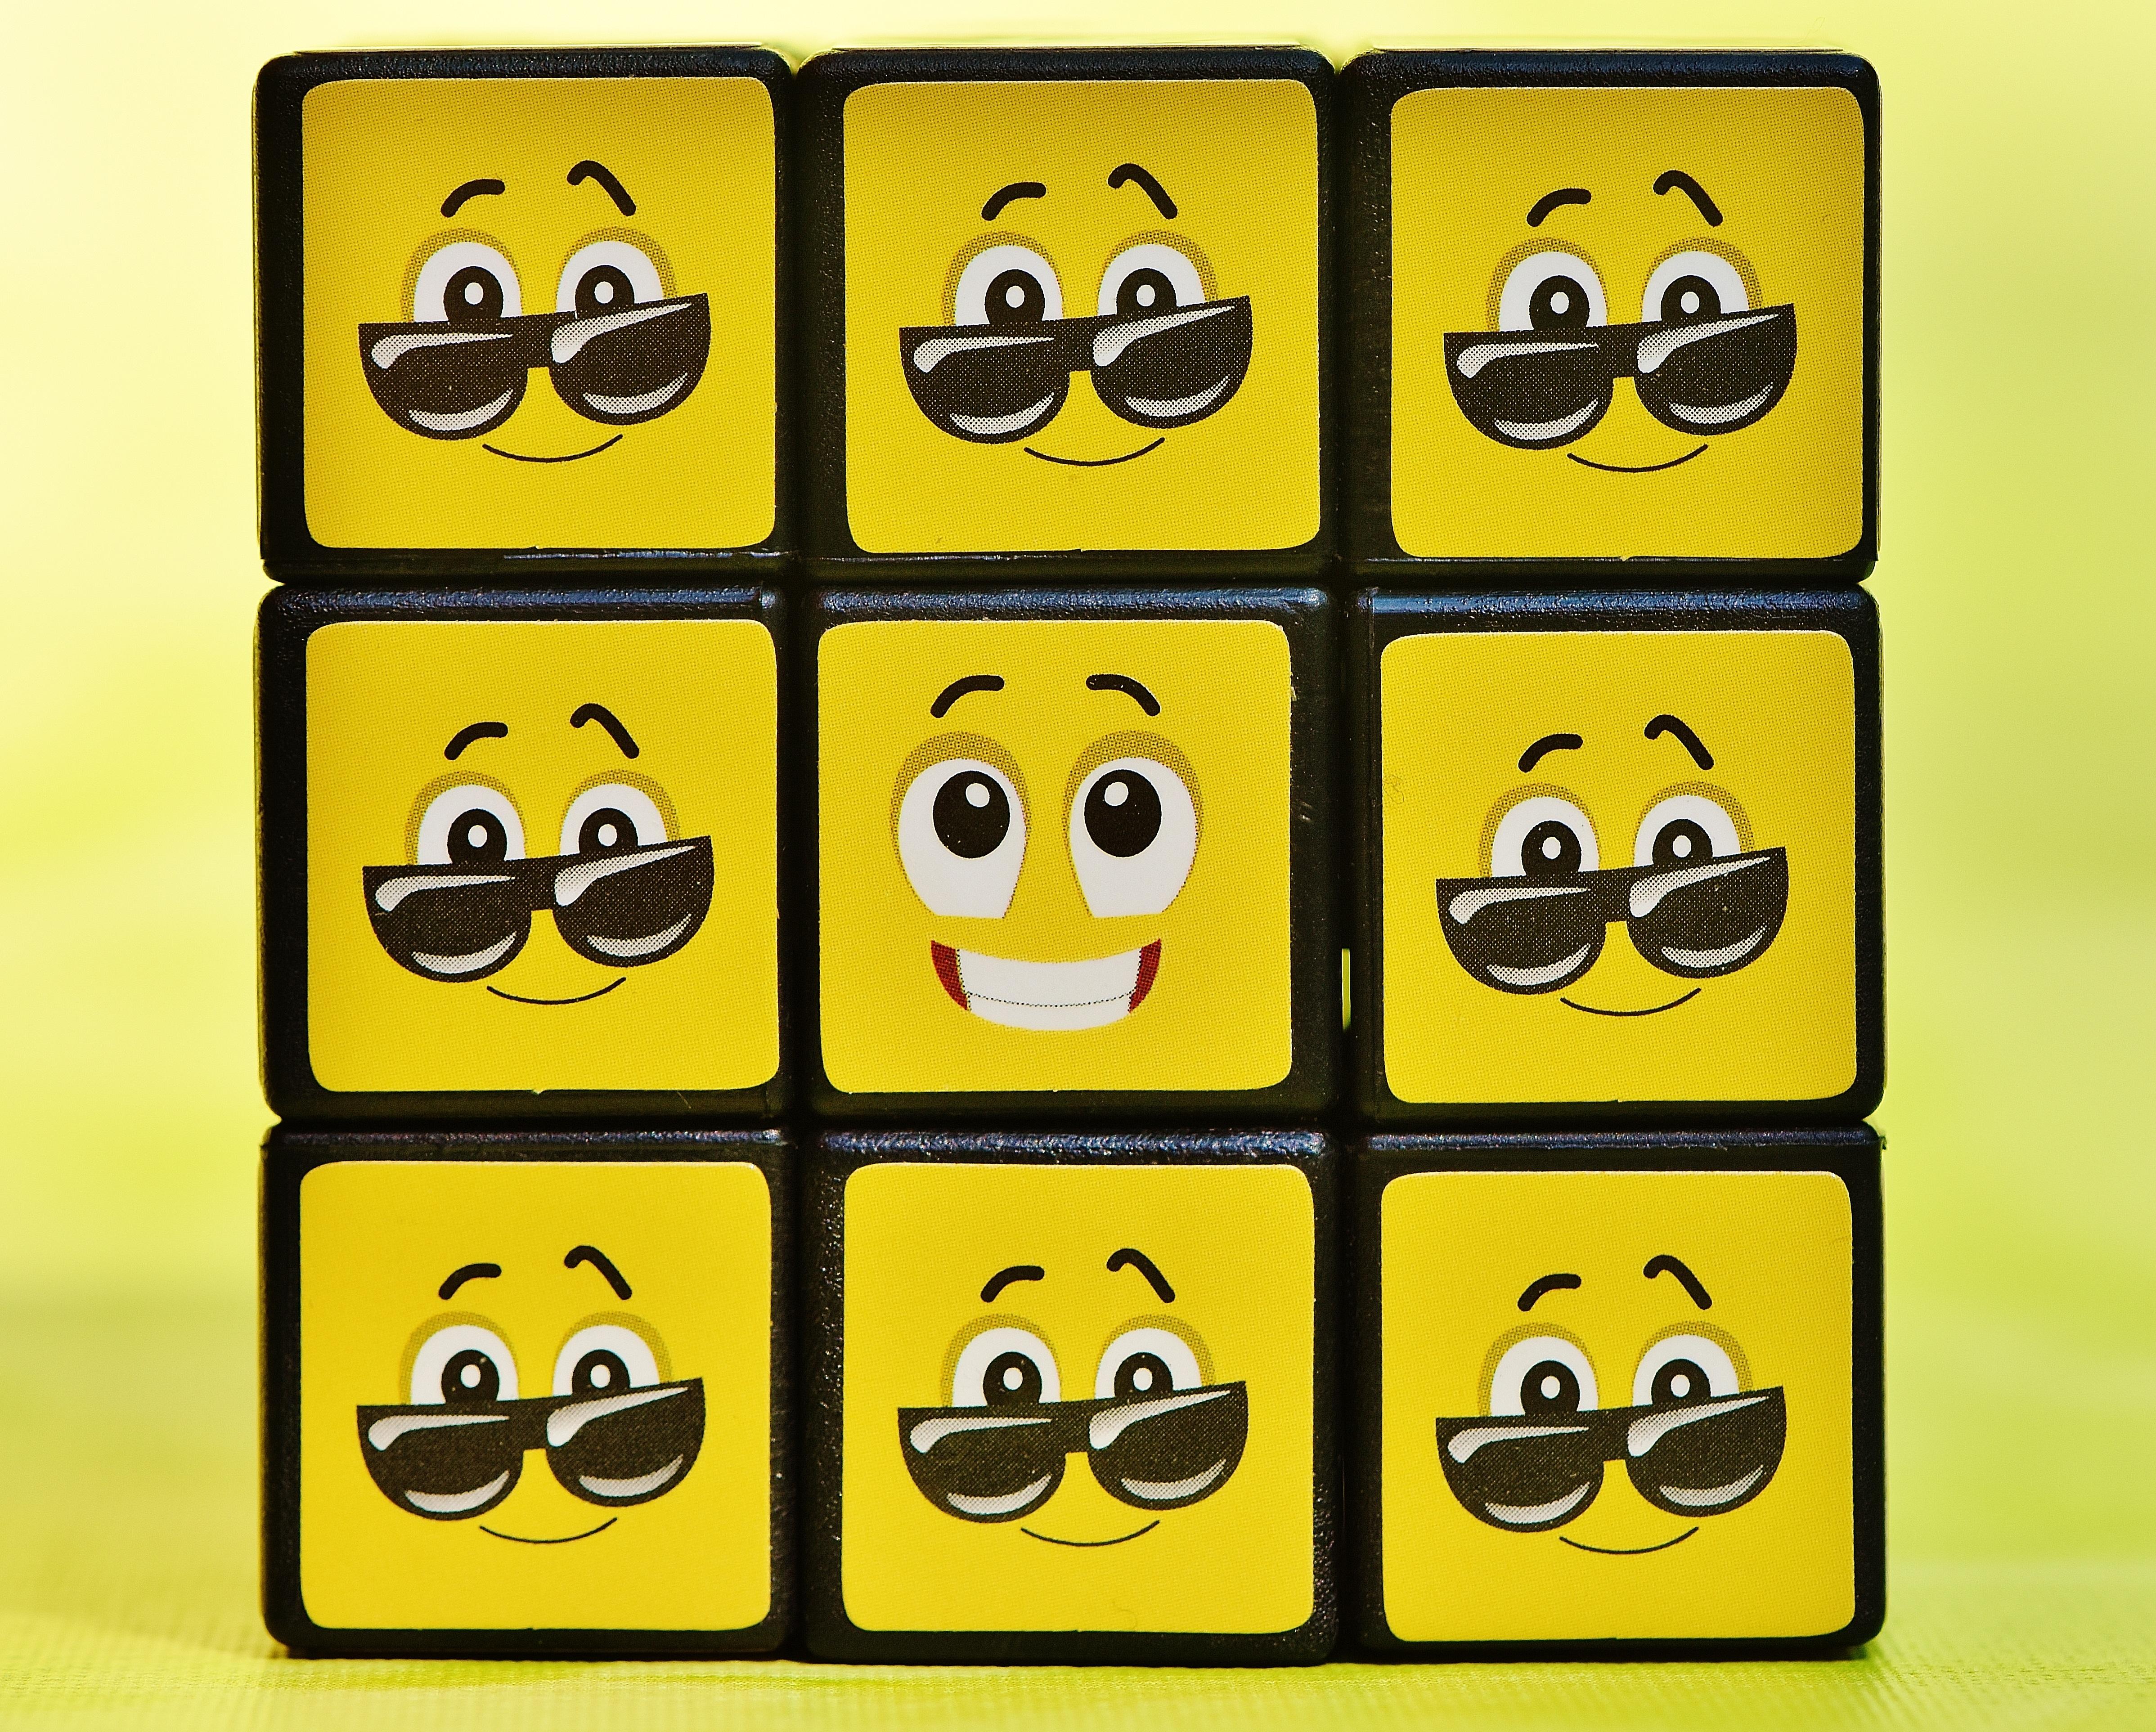 Gambar Jumlah Mainan Tersenyum Fon Lucu Kubus Wajah Icon